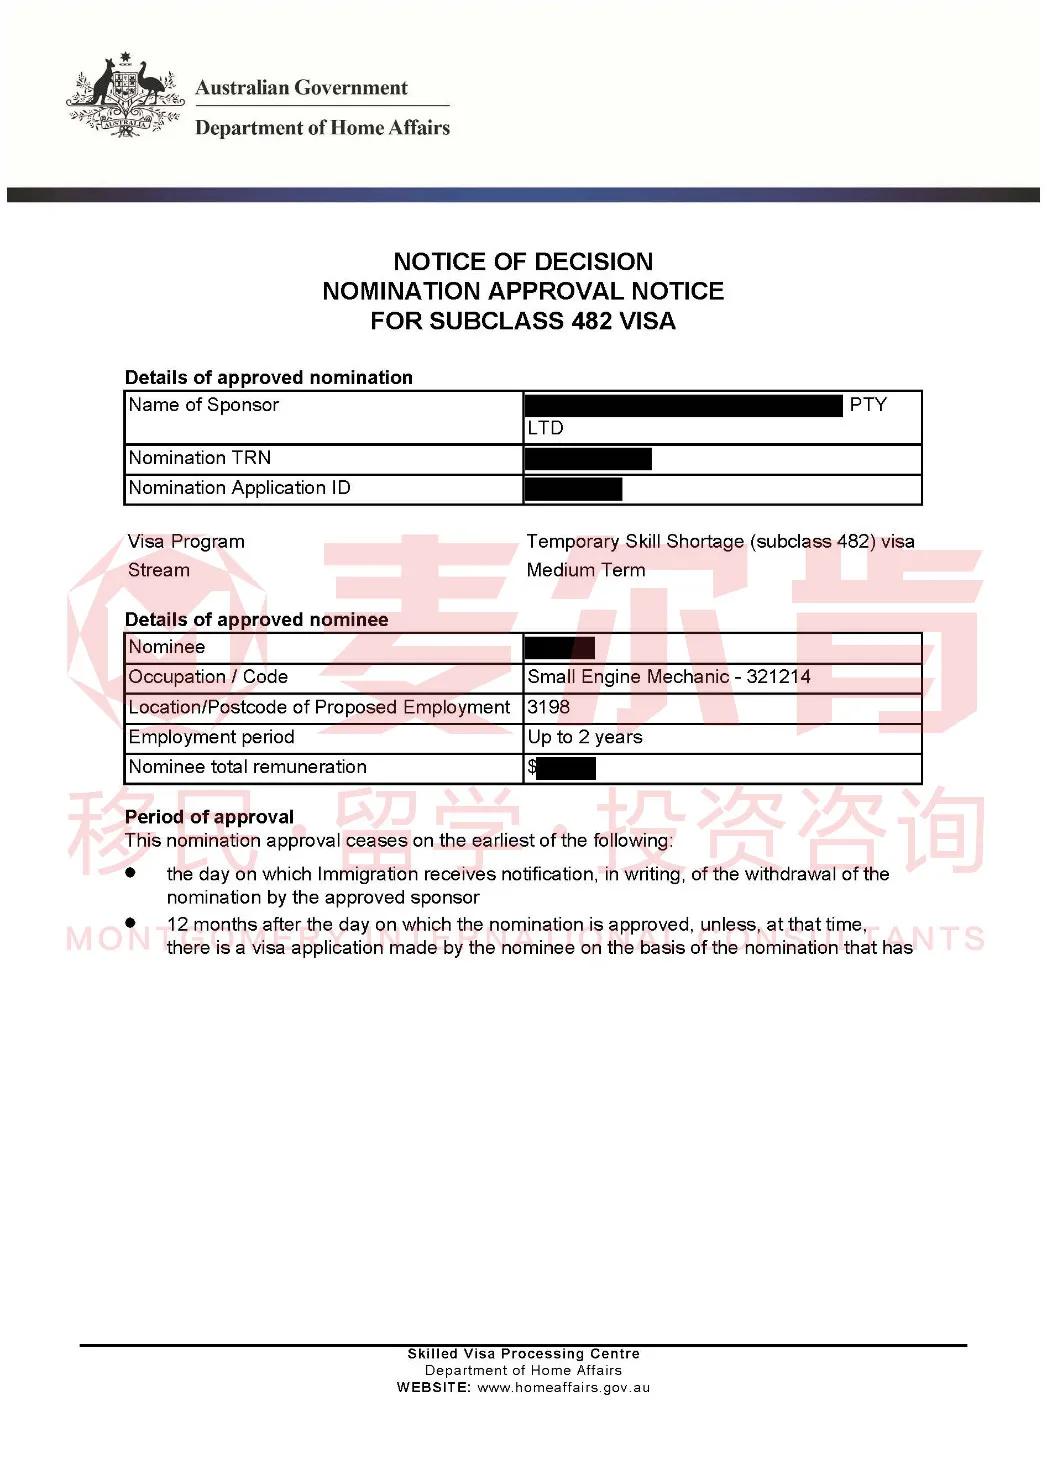 482雇主提名申请顺利获批